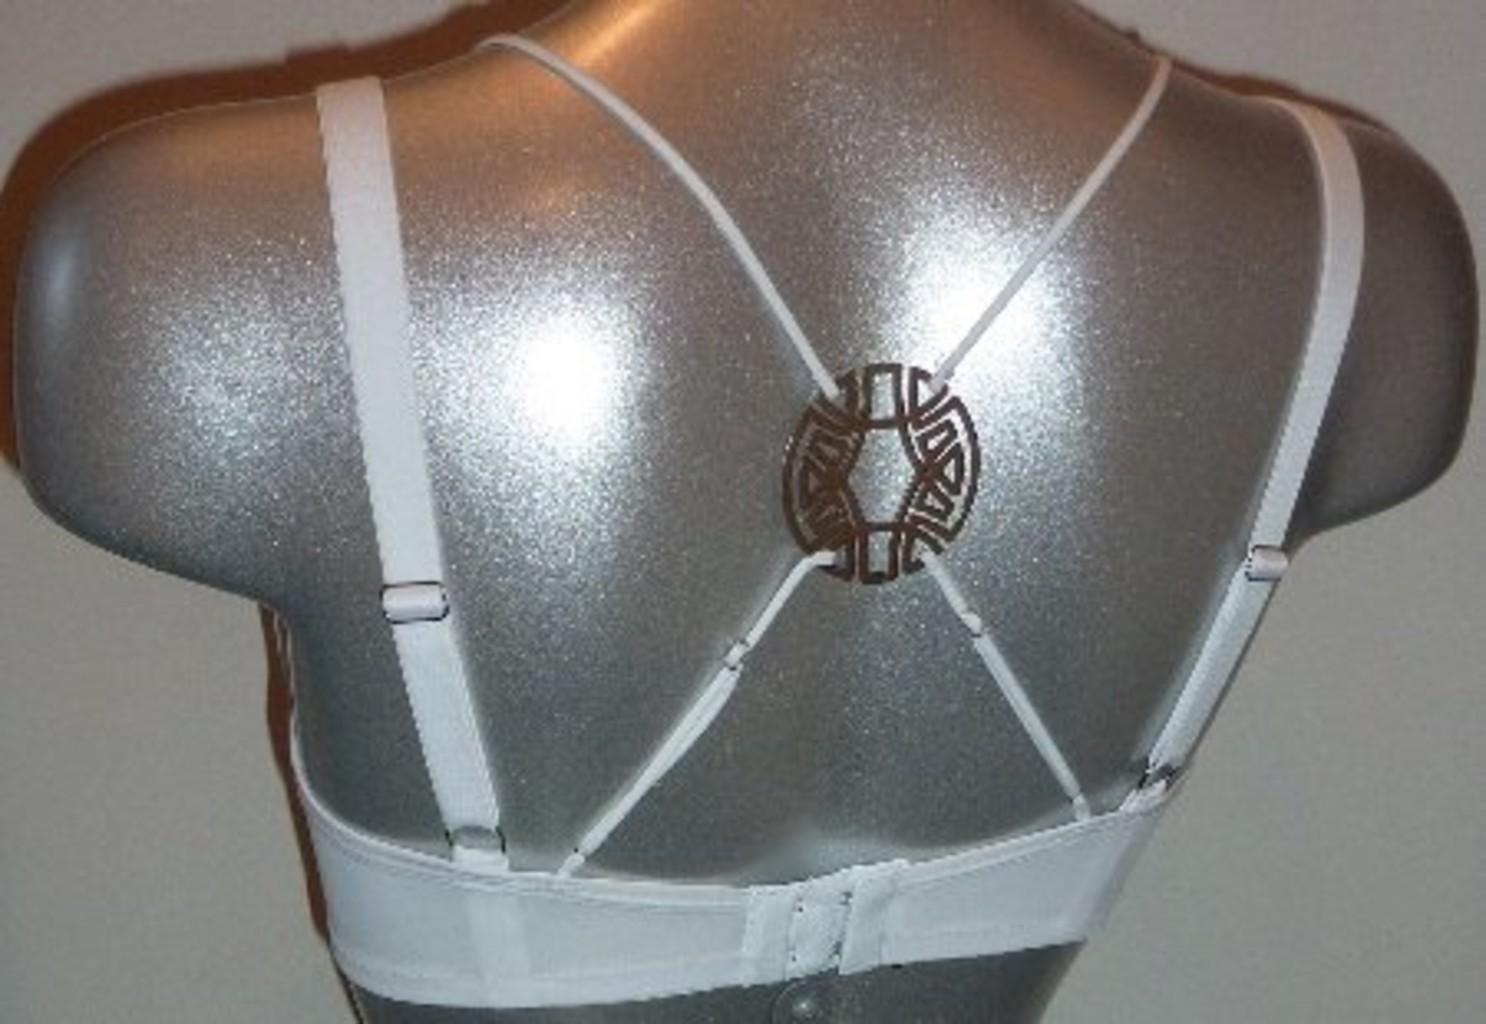 Sapph Sapph Flame Bh met licht voorgevormde cup mt A70 wit